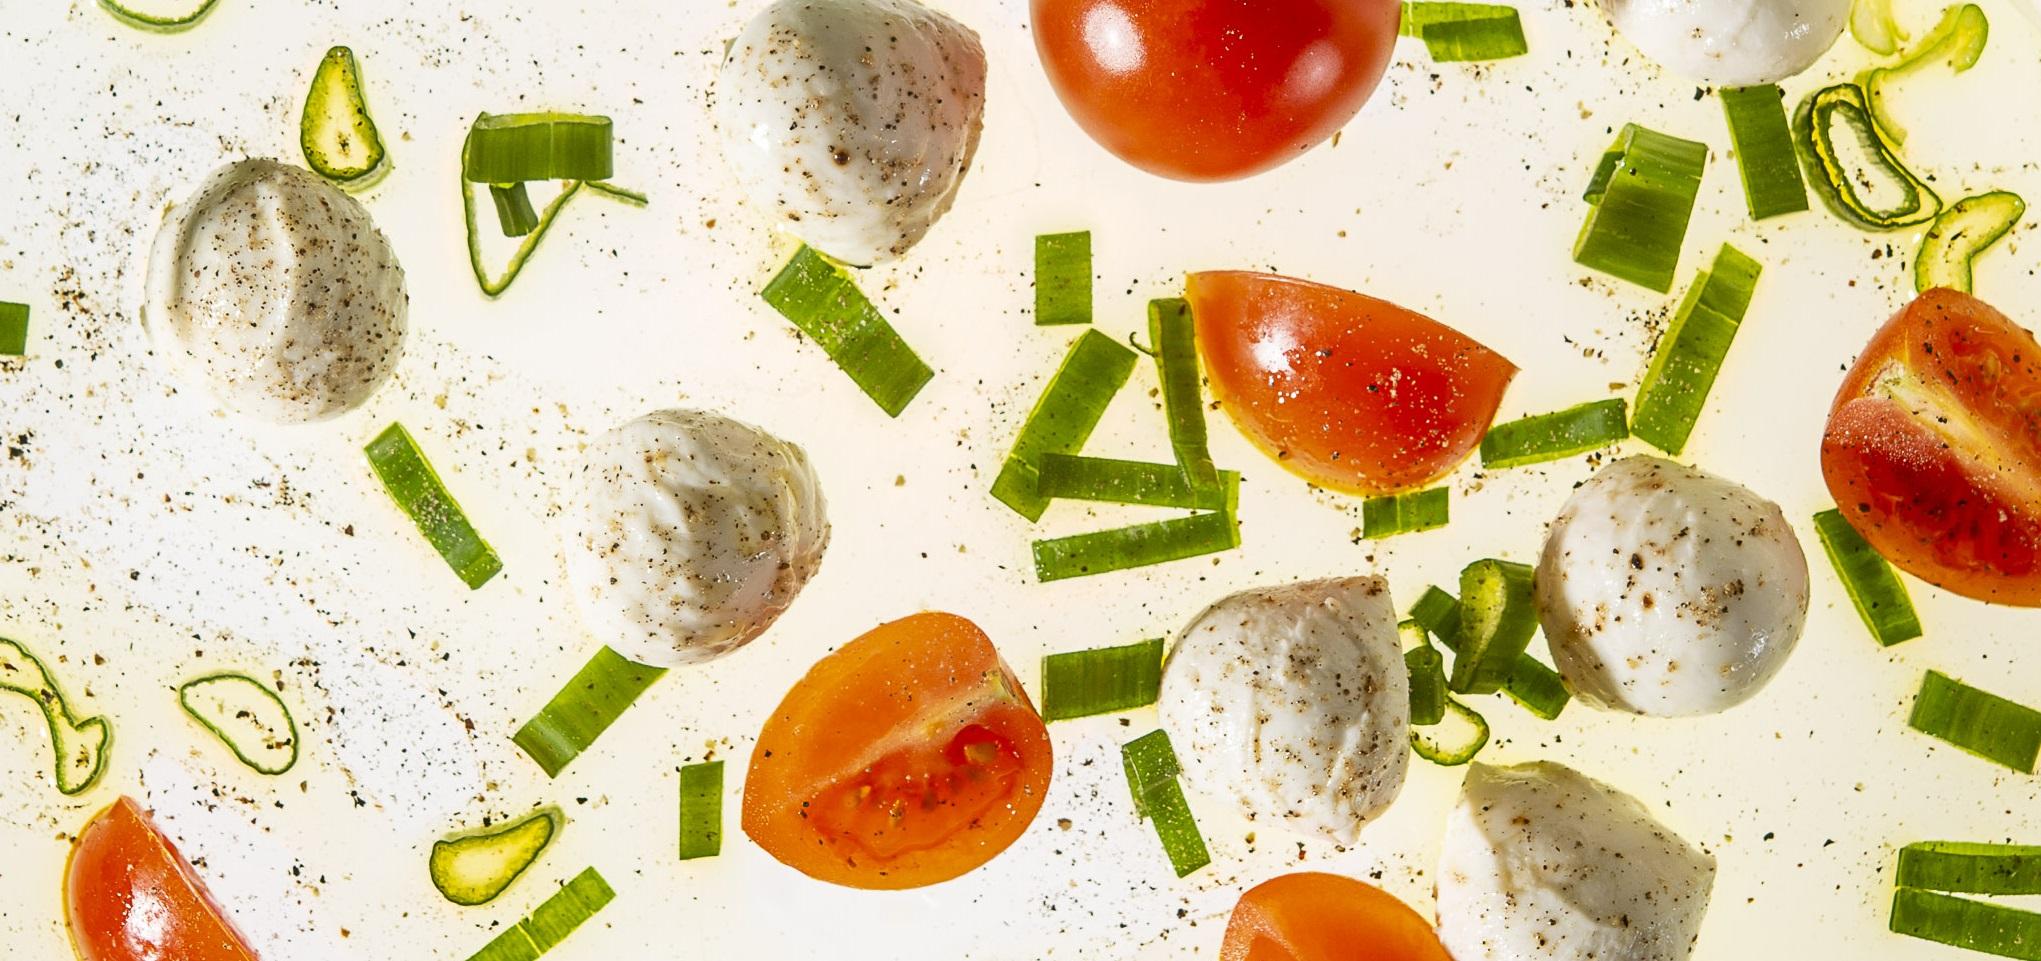 Mozzarella-Bällchen-Salat